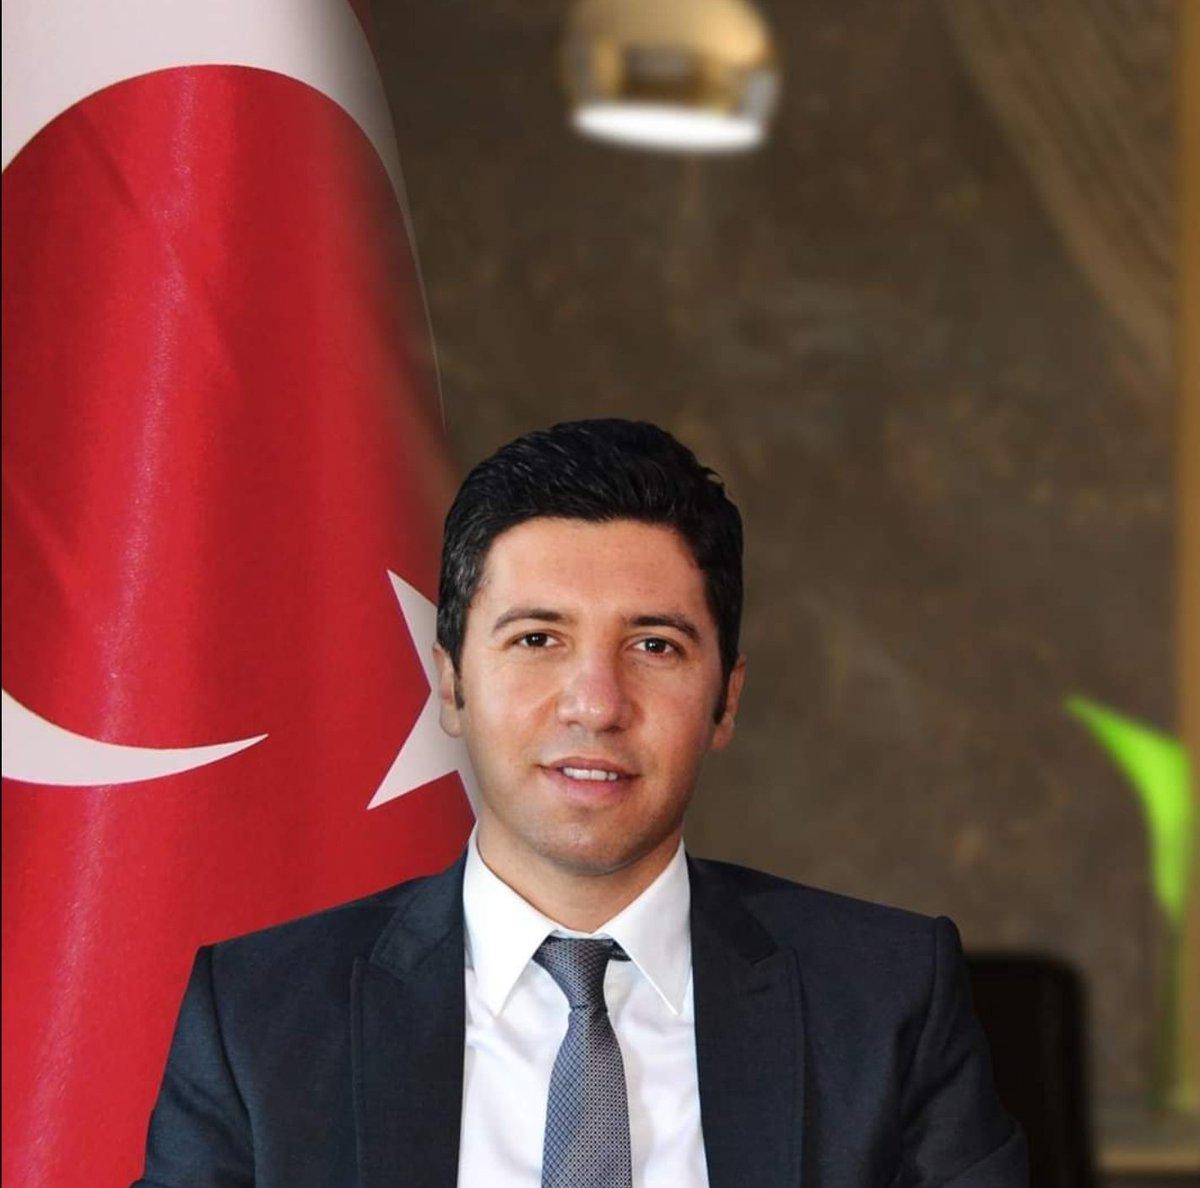 AK Parti Adana İl Başkanımız, Değerli ve Kıymetli Abim Sn. Av. @mehmetay01 Olmuştur. Hayırlı Olsun . Yeni Görevinde Başarılar Diliyorum. @jsarieroglu @ahmetzenbilci @abdullahdogru01 @MSErdinc @islambunul